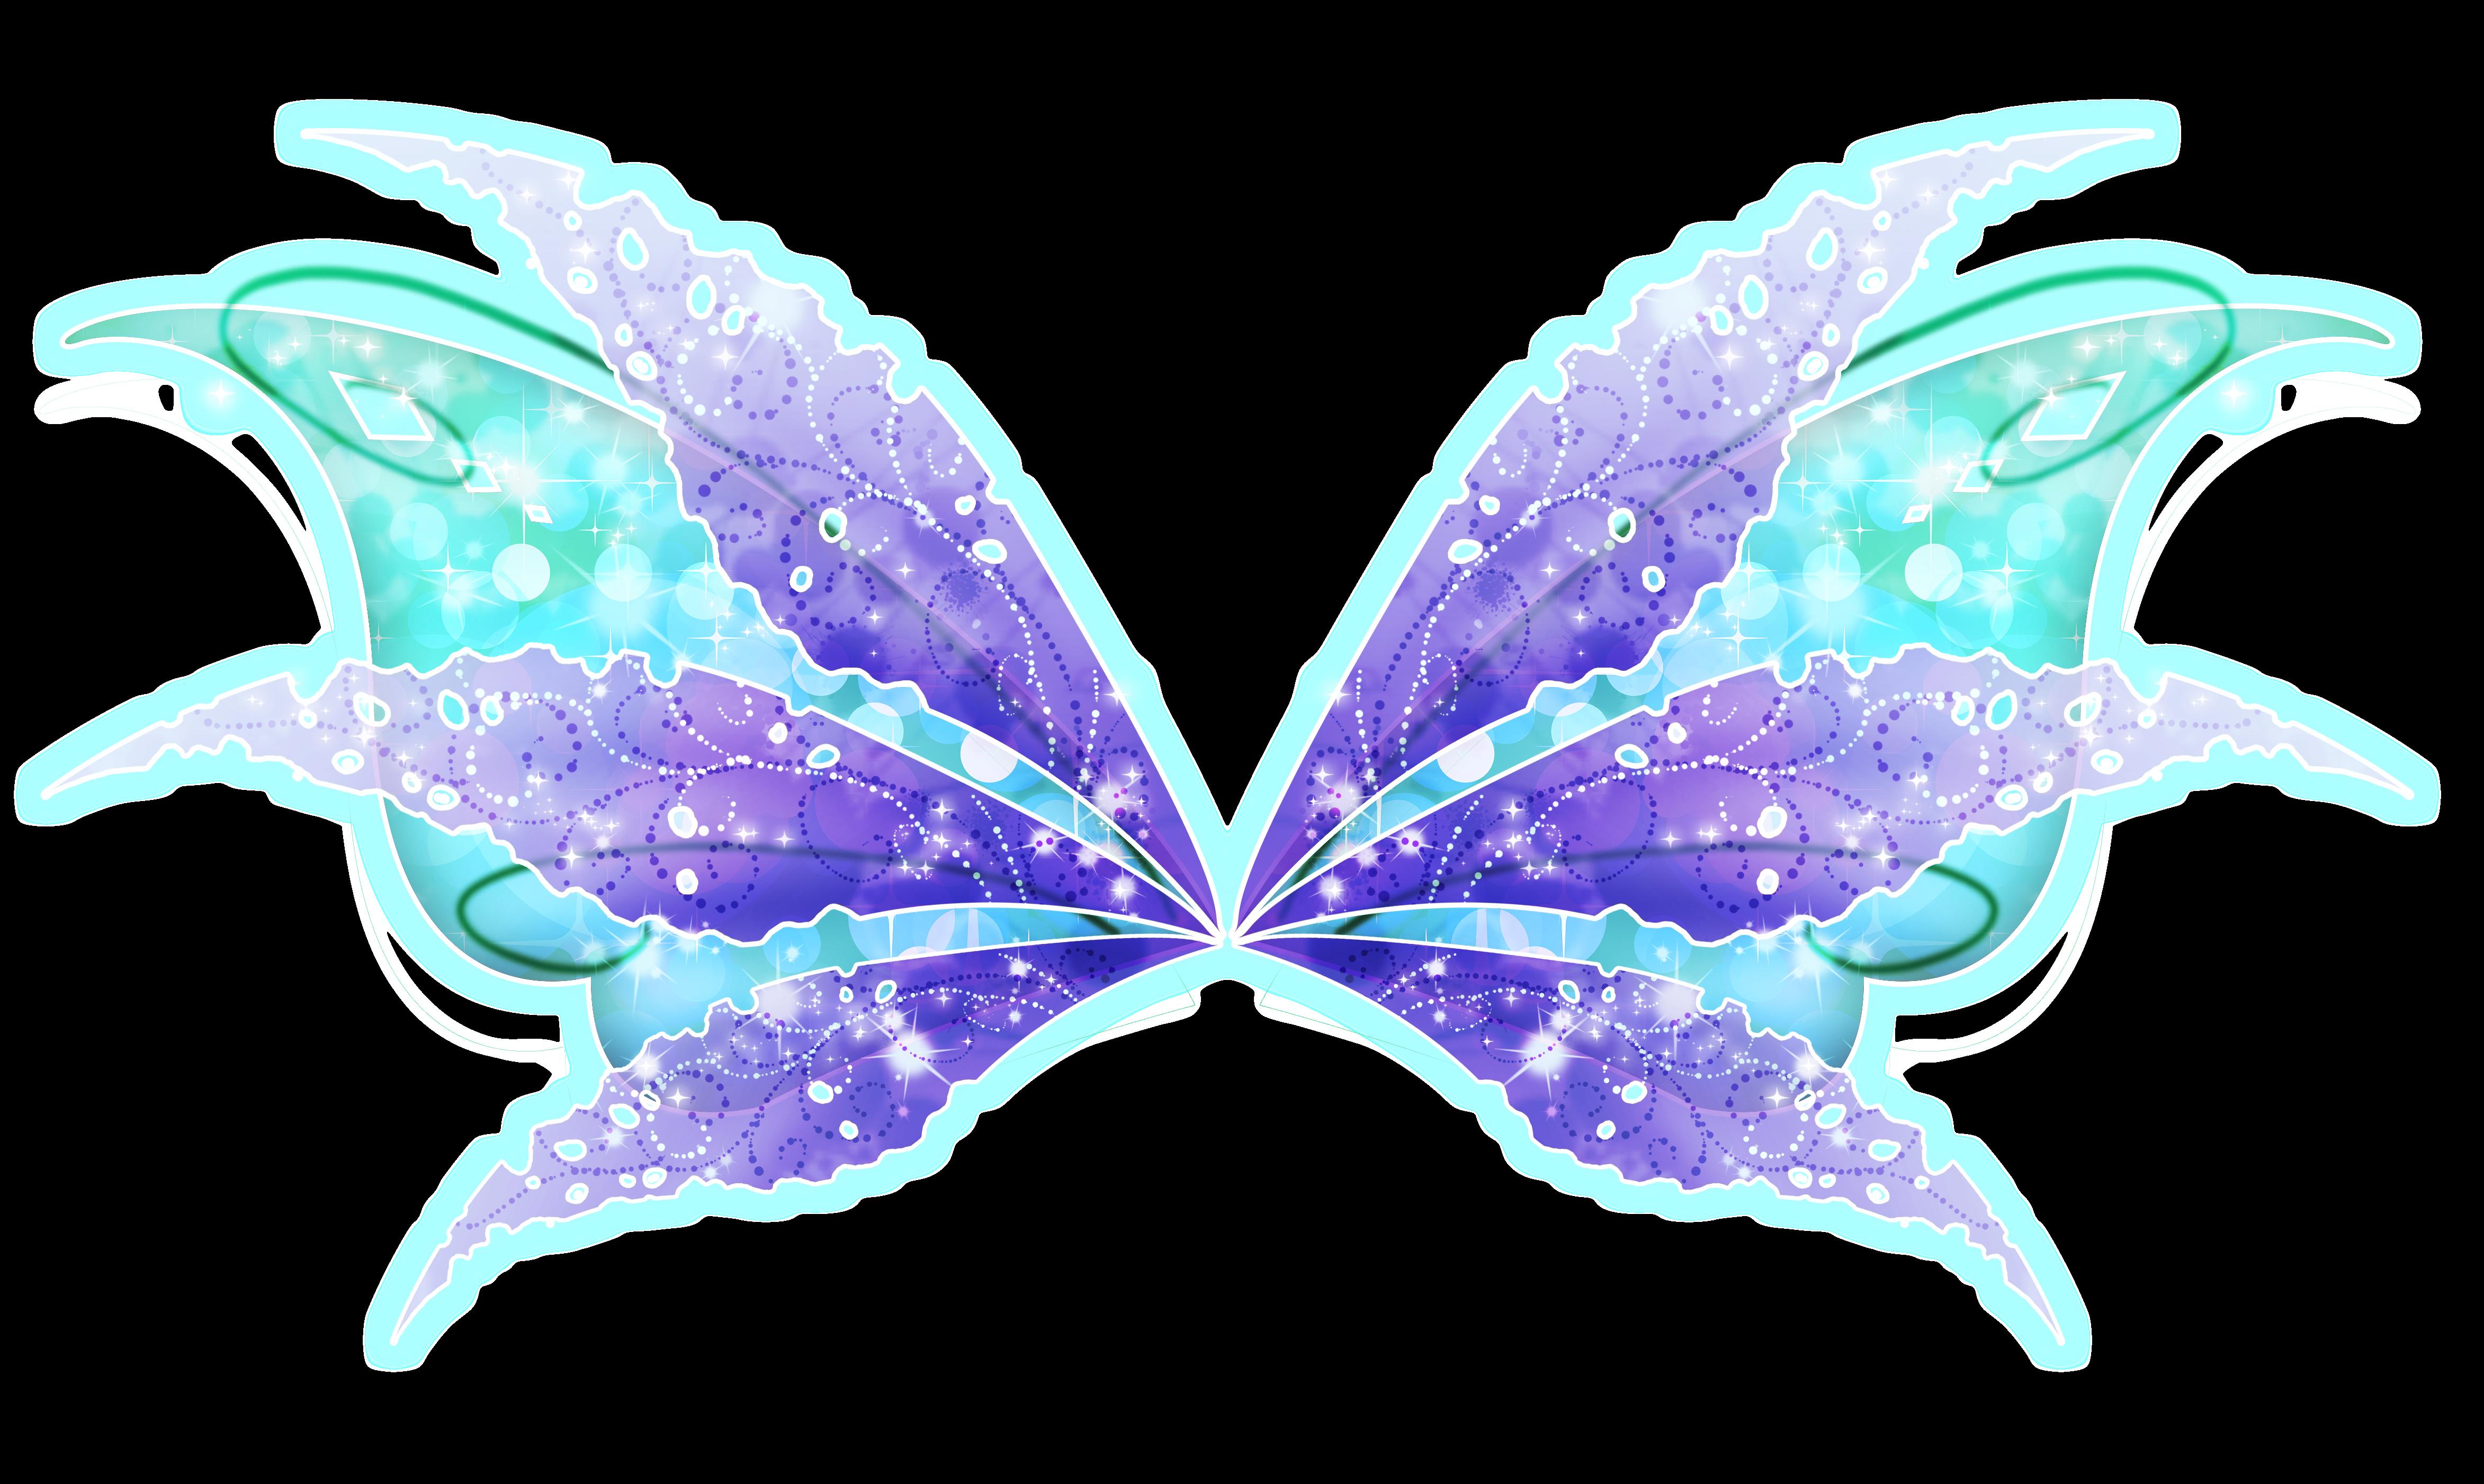 овощ крылья для феи картинка закрепить резинке, протянуть